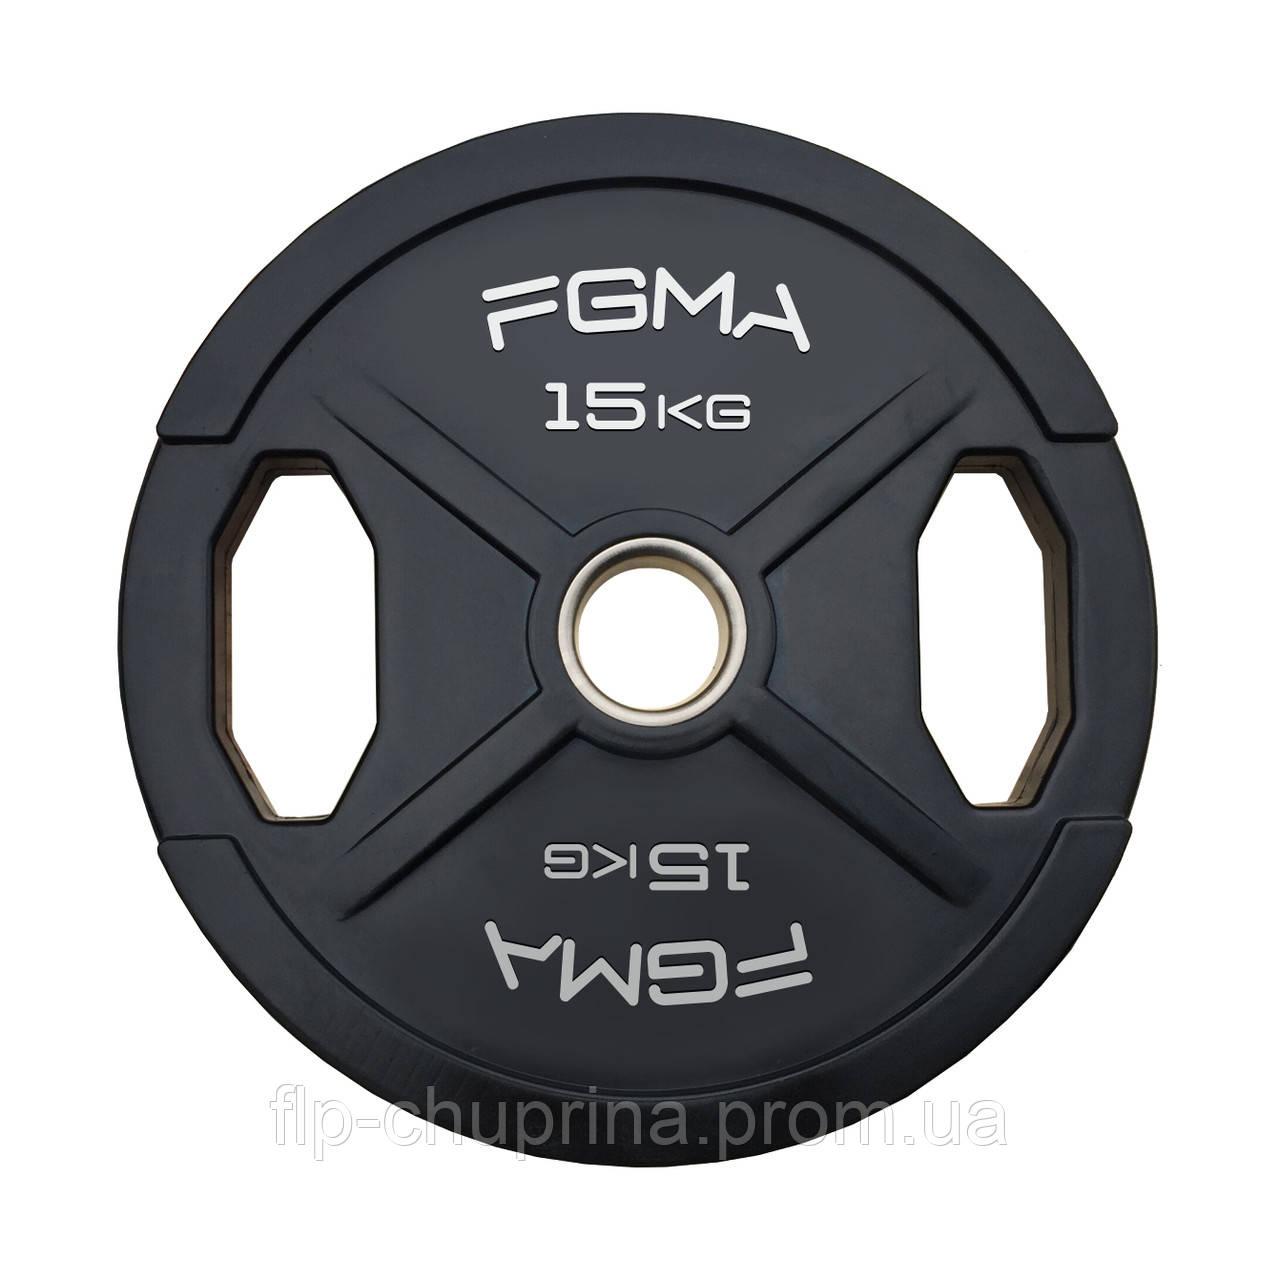 """Диск (блин) для штанги обрезиненный FGMA """"X"""" 15kg"""